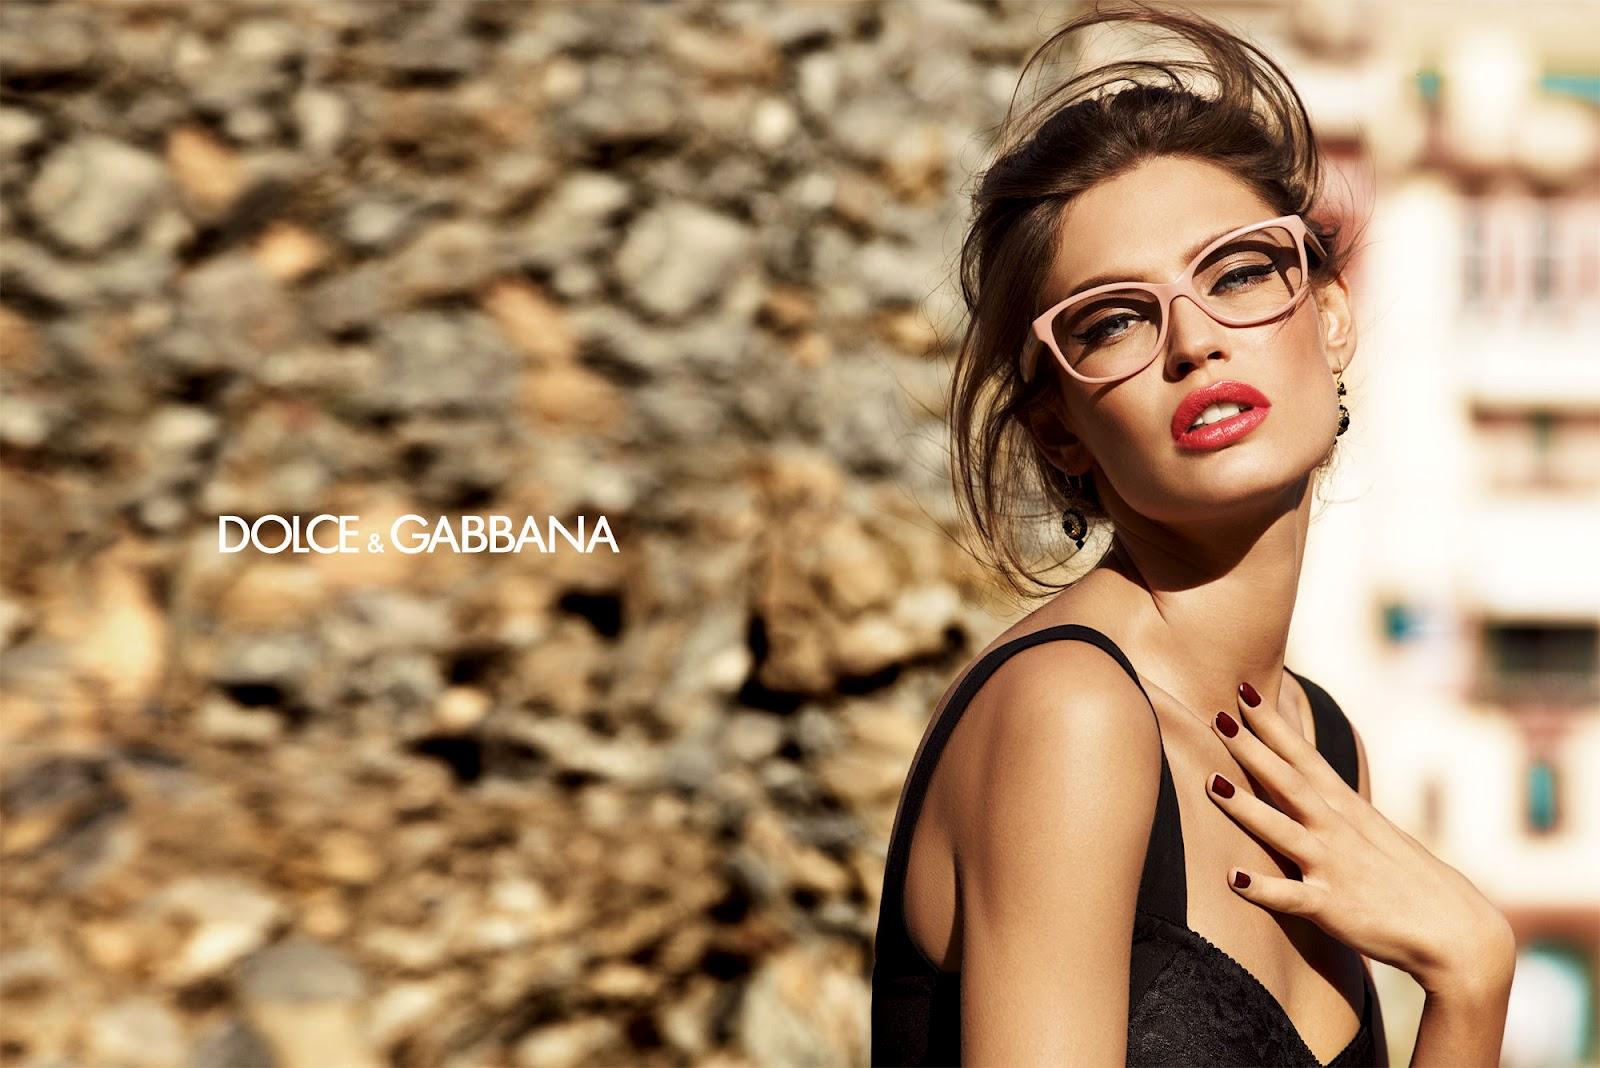 Bianca-Balti-Dolce-Gabbana-Eyewear-03